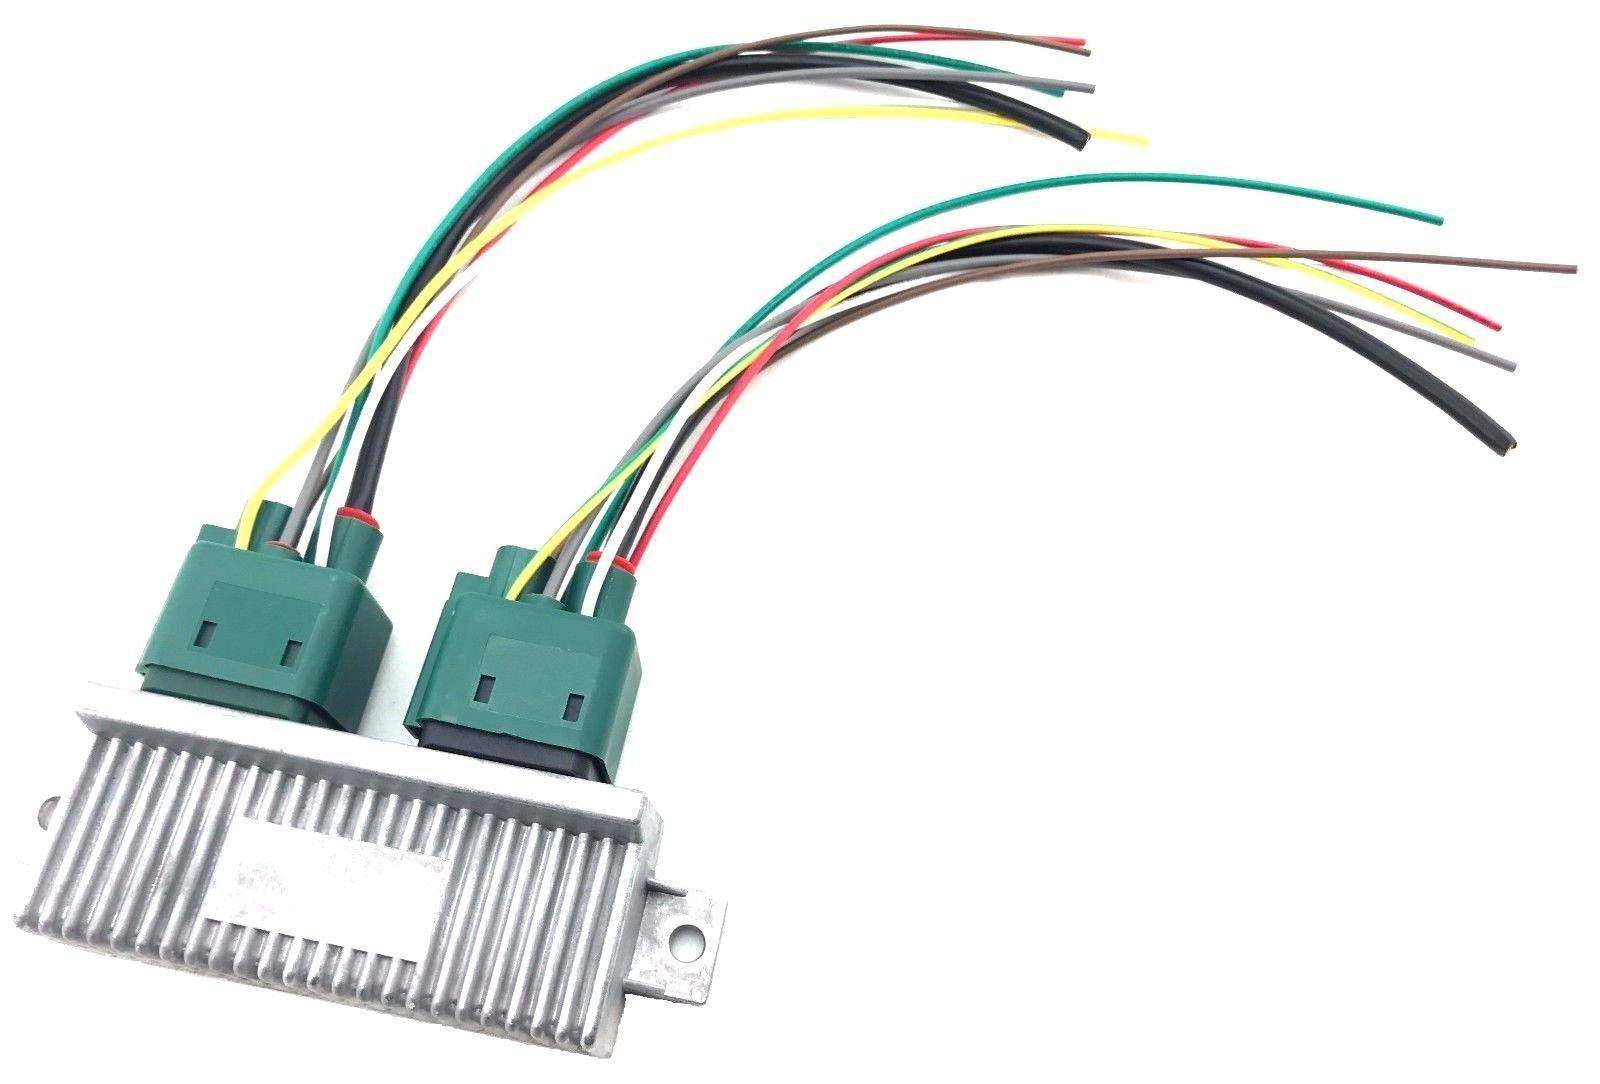 Ford F250 F350 F450 F550 Diesel Glow Plug Control Module GPCM Connector Harness